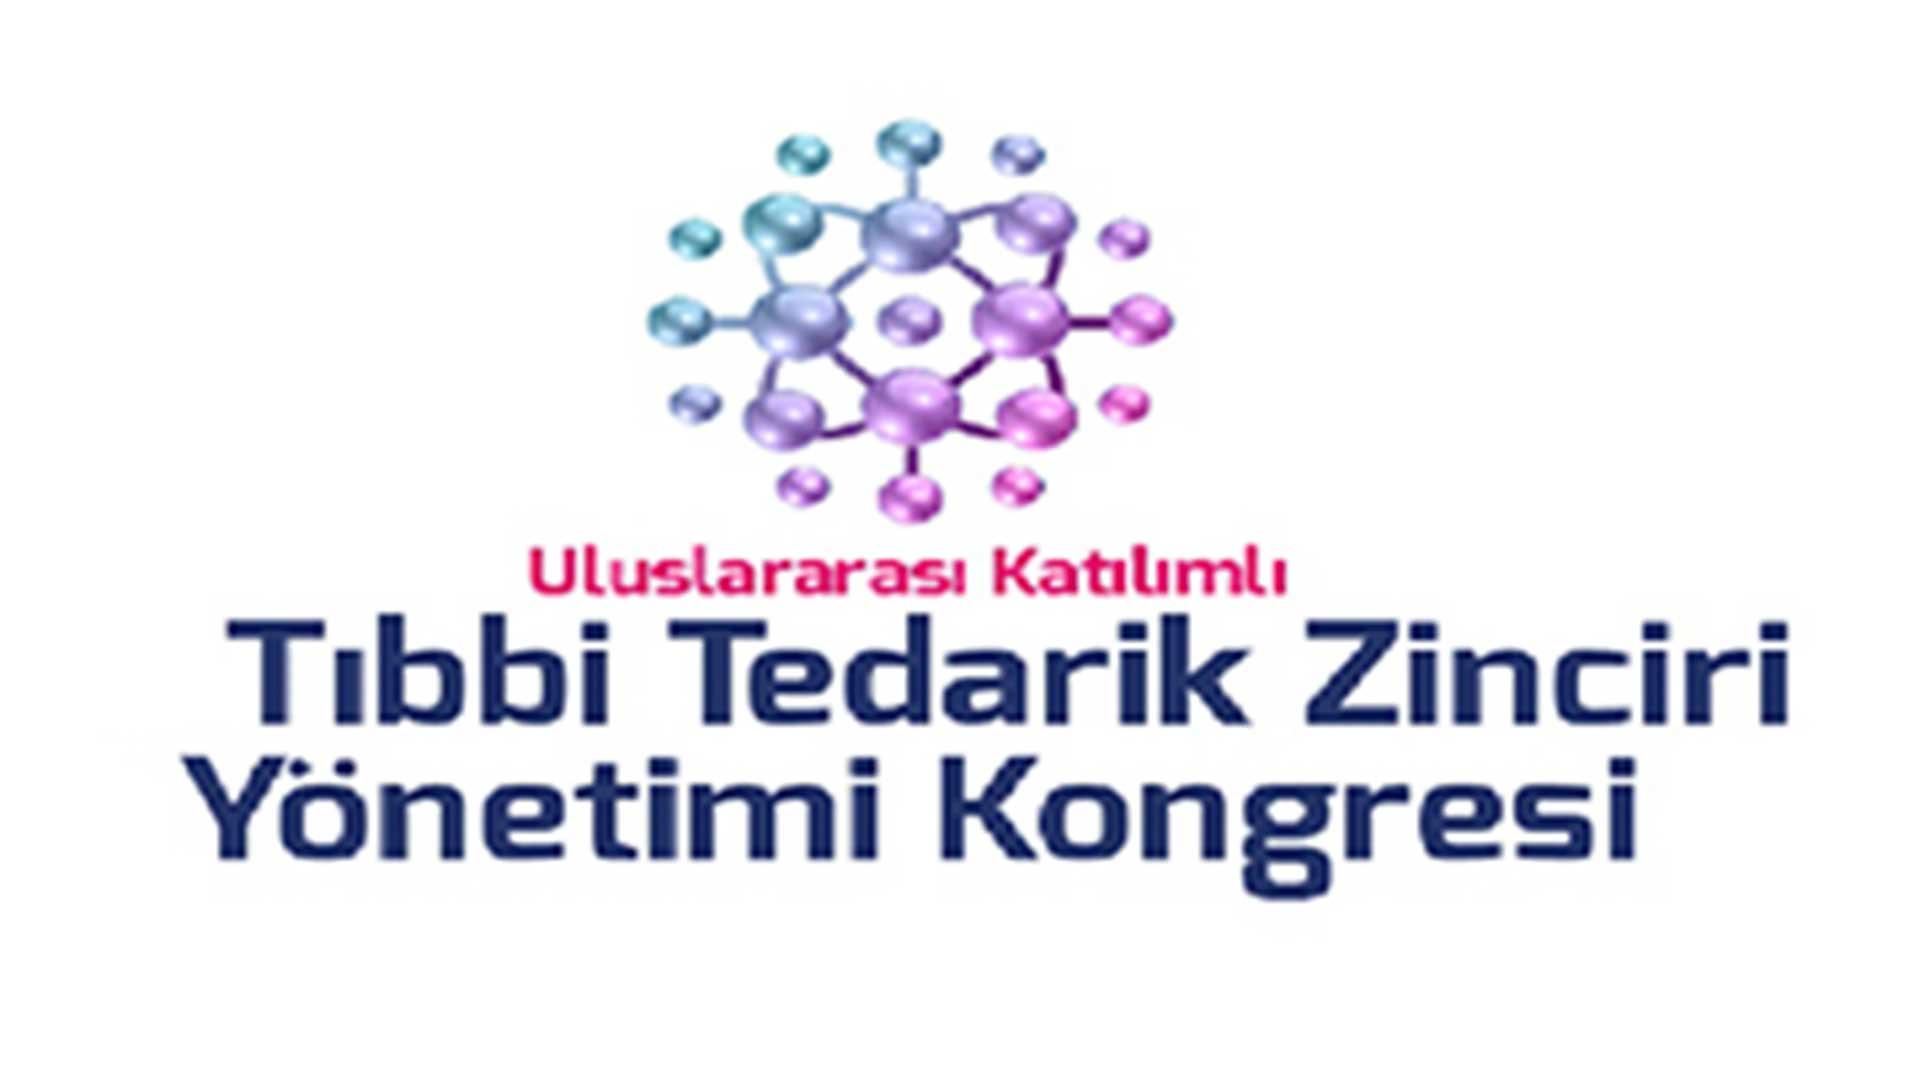 II. Tıbbi Tedarik Zinciri Kongresi-(8-10Aralık, Antalya)